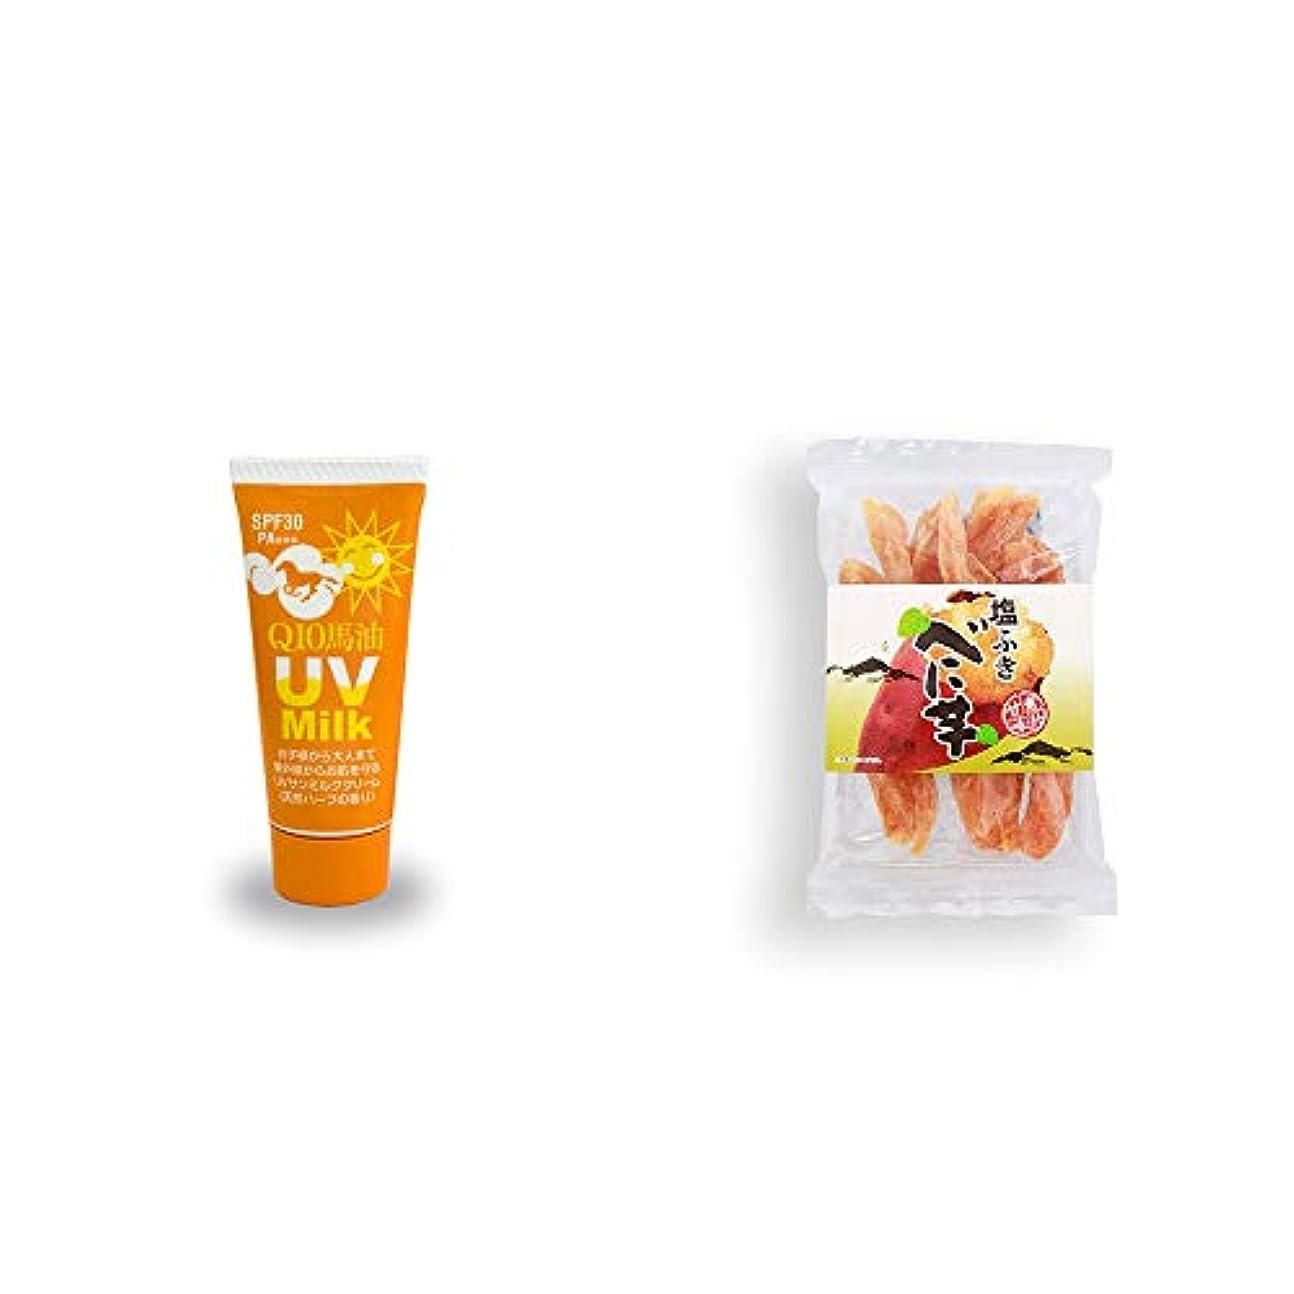 変化シダ告白[2点セット] 炭黒泉 Q10馬油 UVサンミルク[天然ハーブ](40g)?塩ふき べに芋(250g)